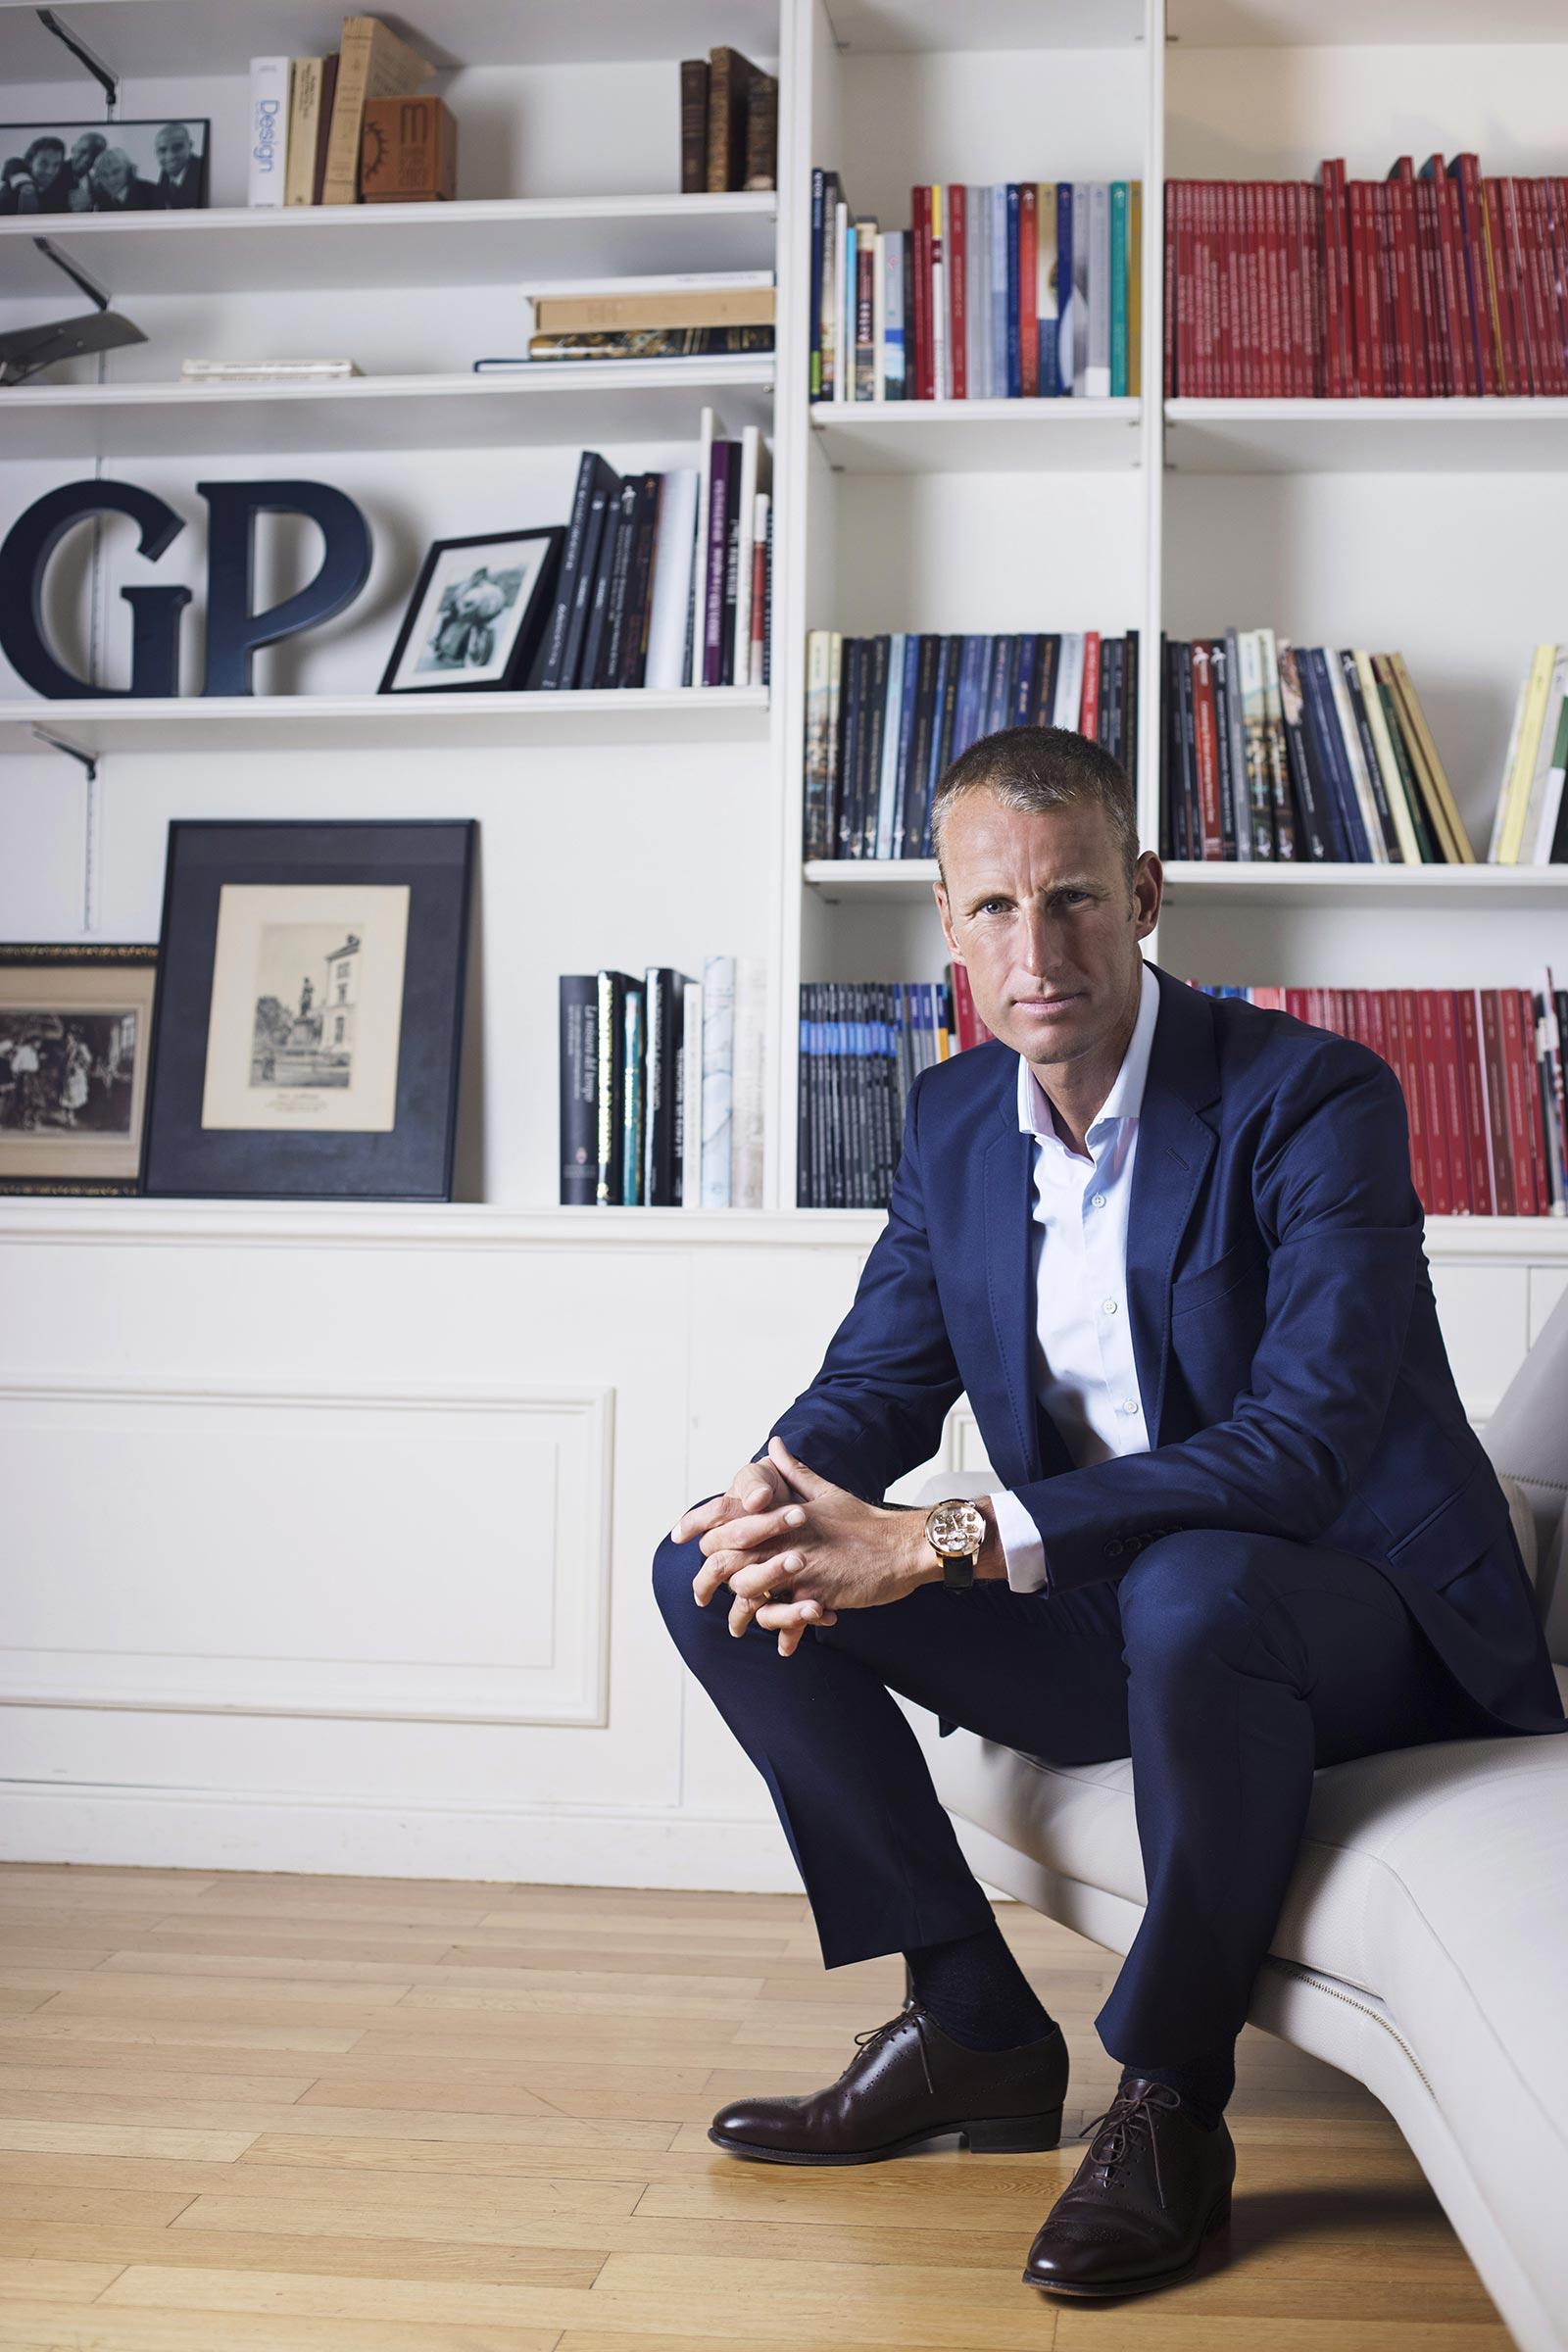 Girard-Perregaux Patrick Pruniaux CEO